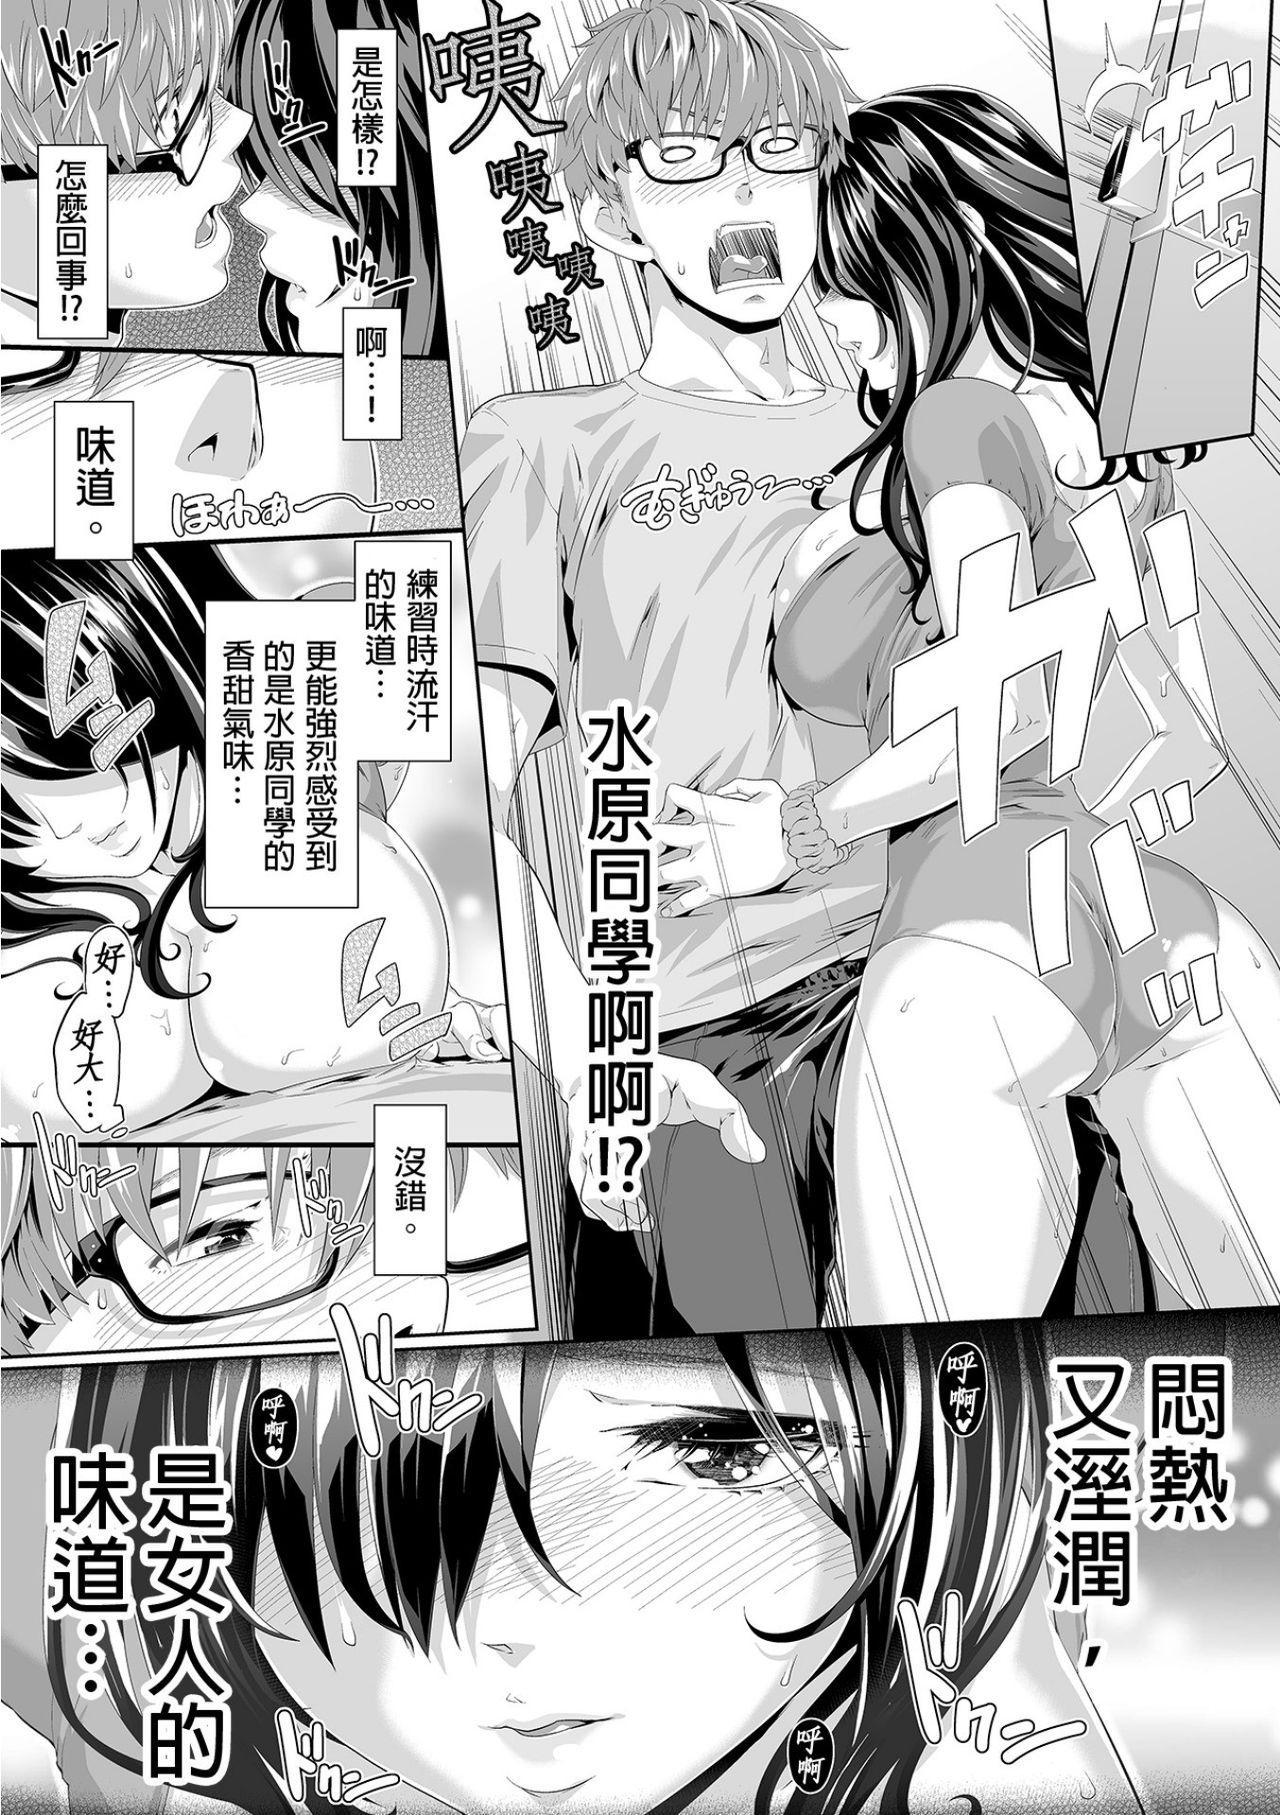 [Qunami Himehiko, Akahige] Gifu no Nurunuru Massage ~Musume no Kori o Asa kara Kurikuri~   義父的濕答答按摩~一早幫忙女兒放鬆肌肉~ Ch. 6 [Chinese] 28